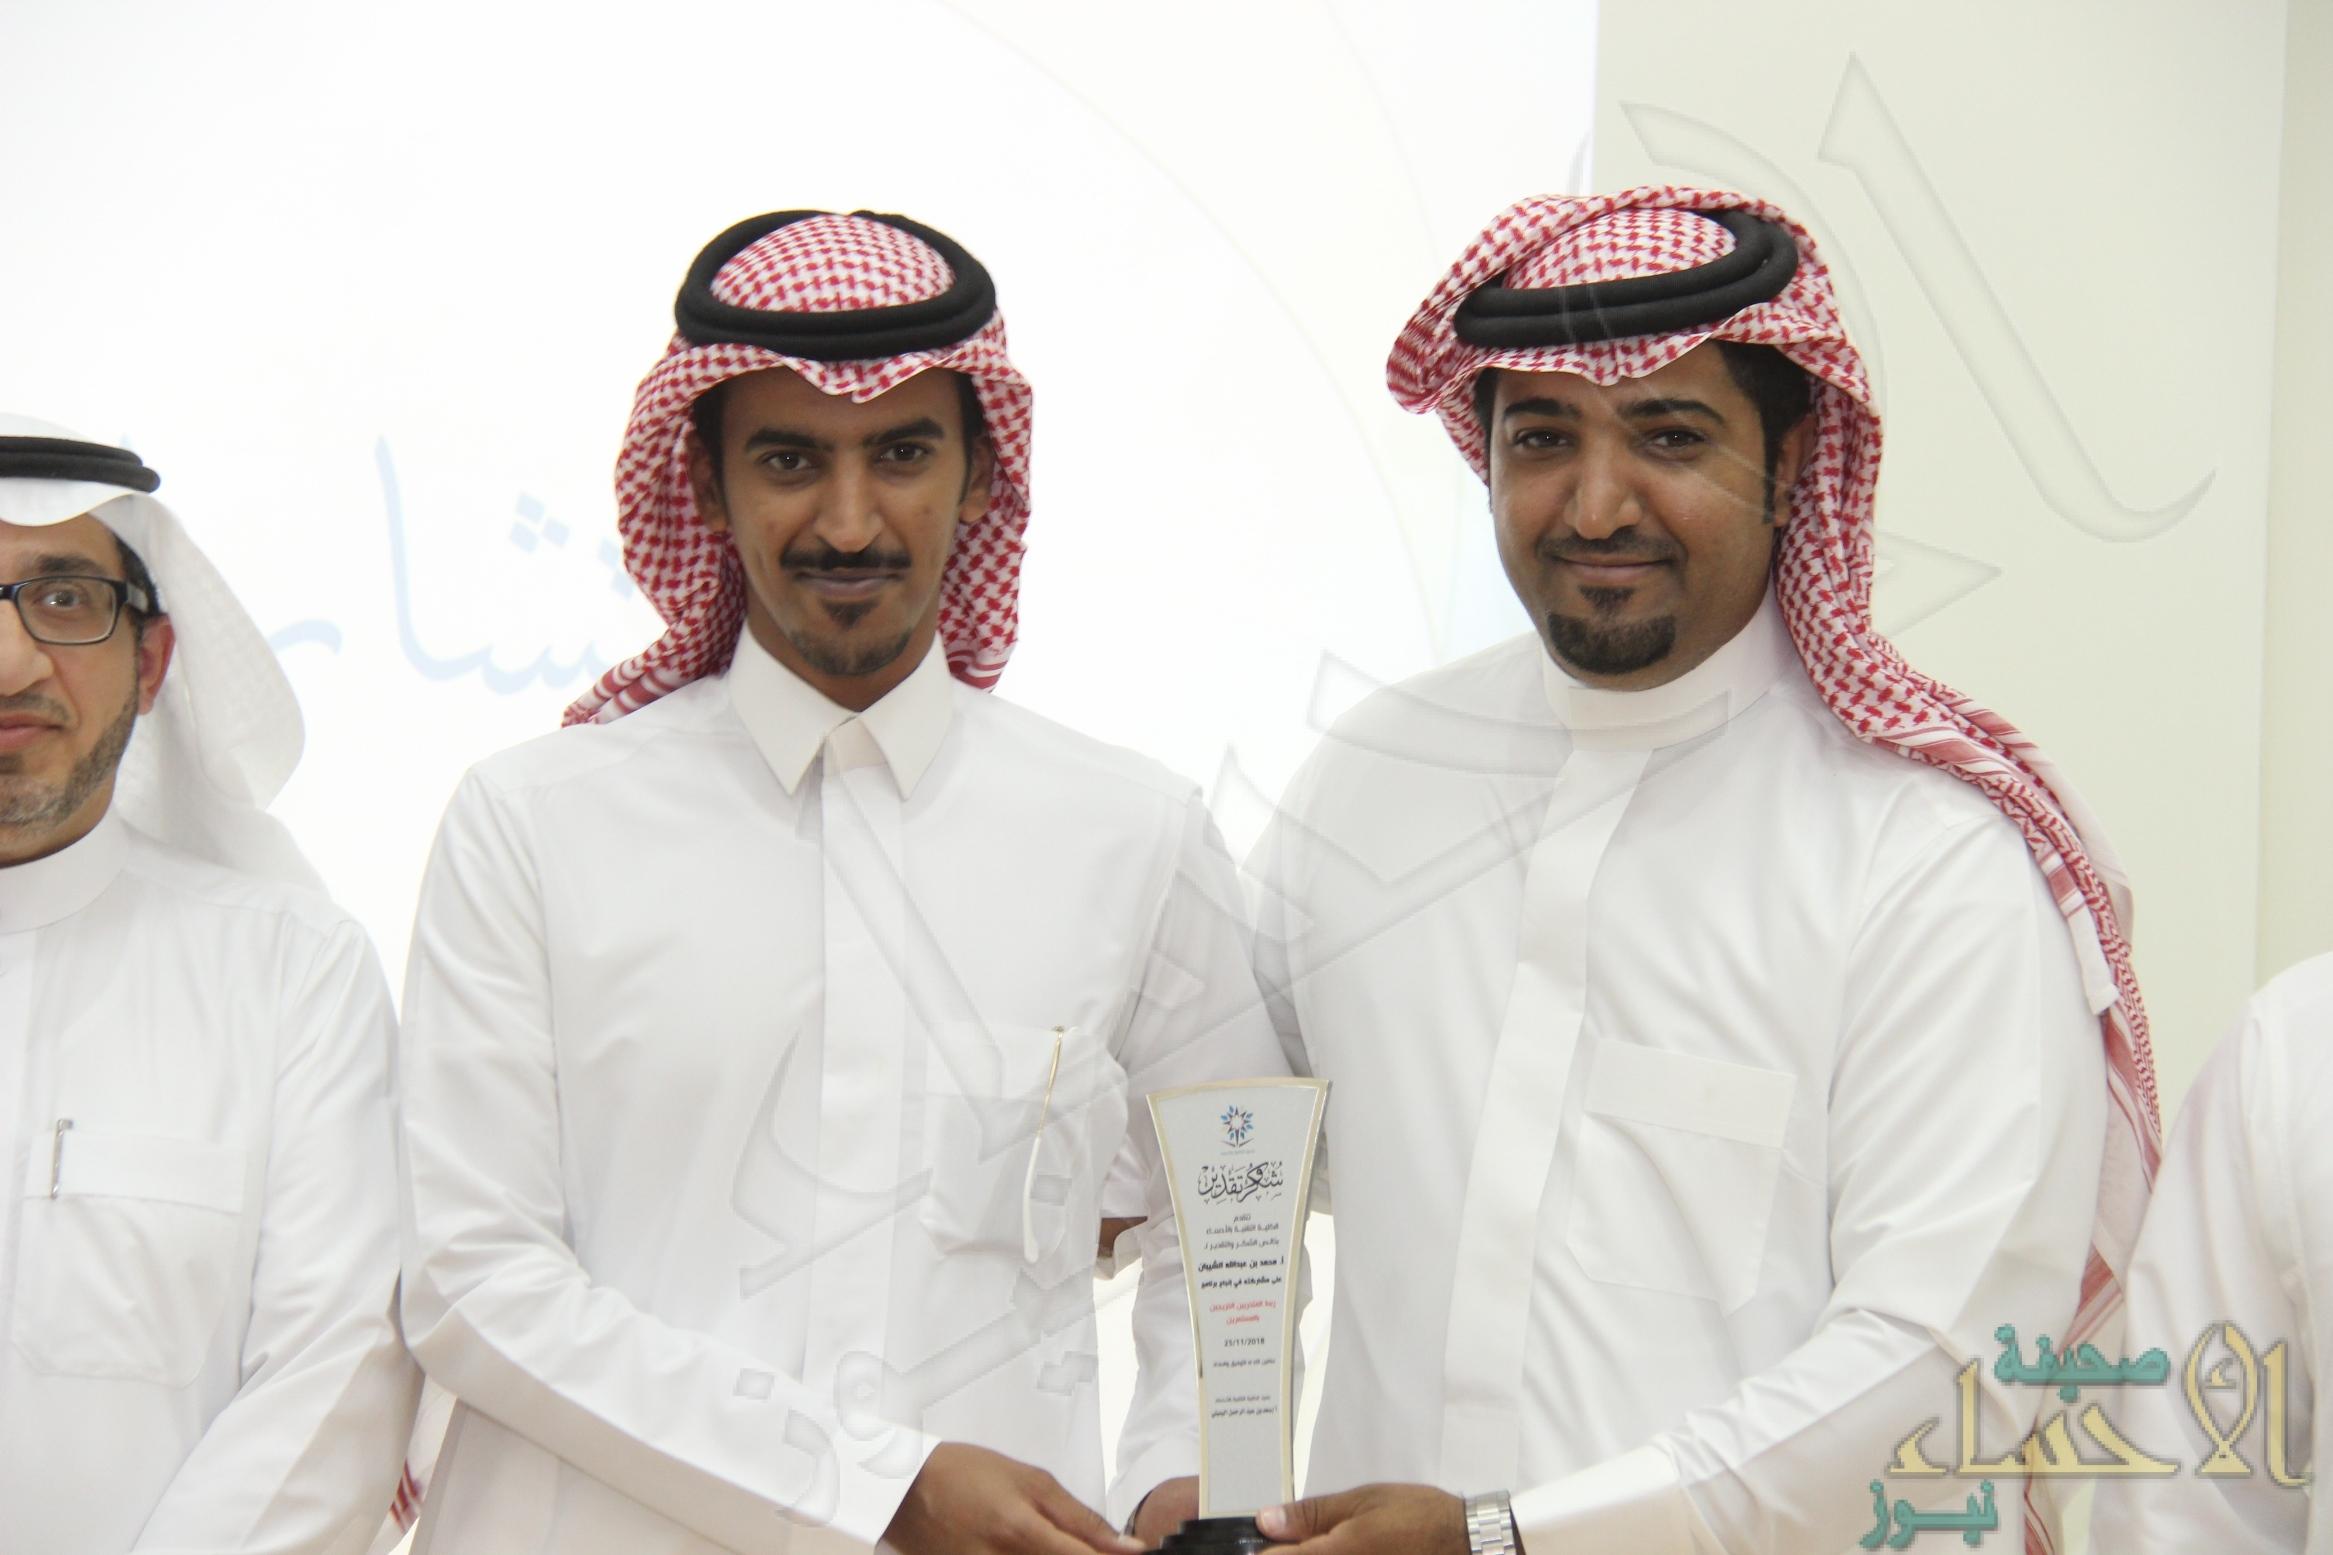 محمد بن عبدالله الشيبان يعمل حاليا وكيل شؤون المتدربين بالكلية التقنية بضباء